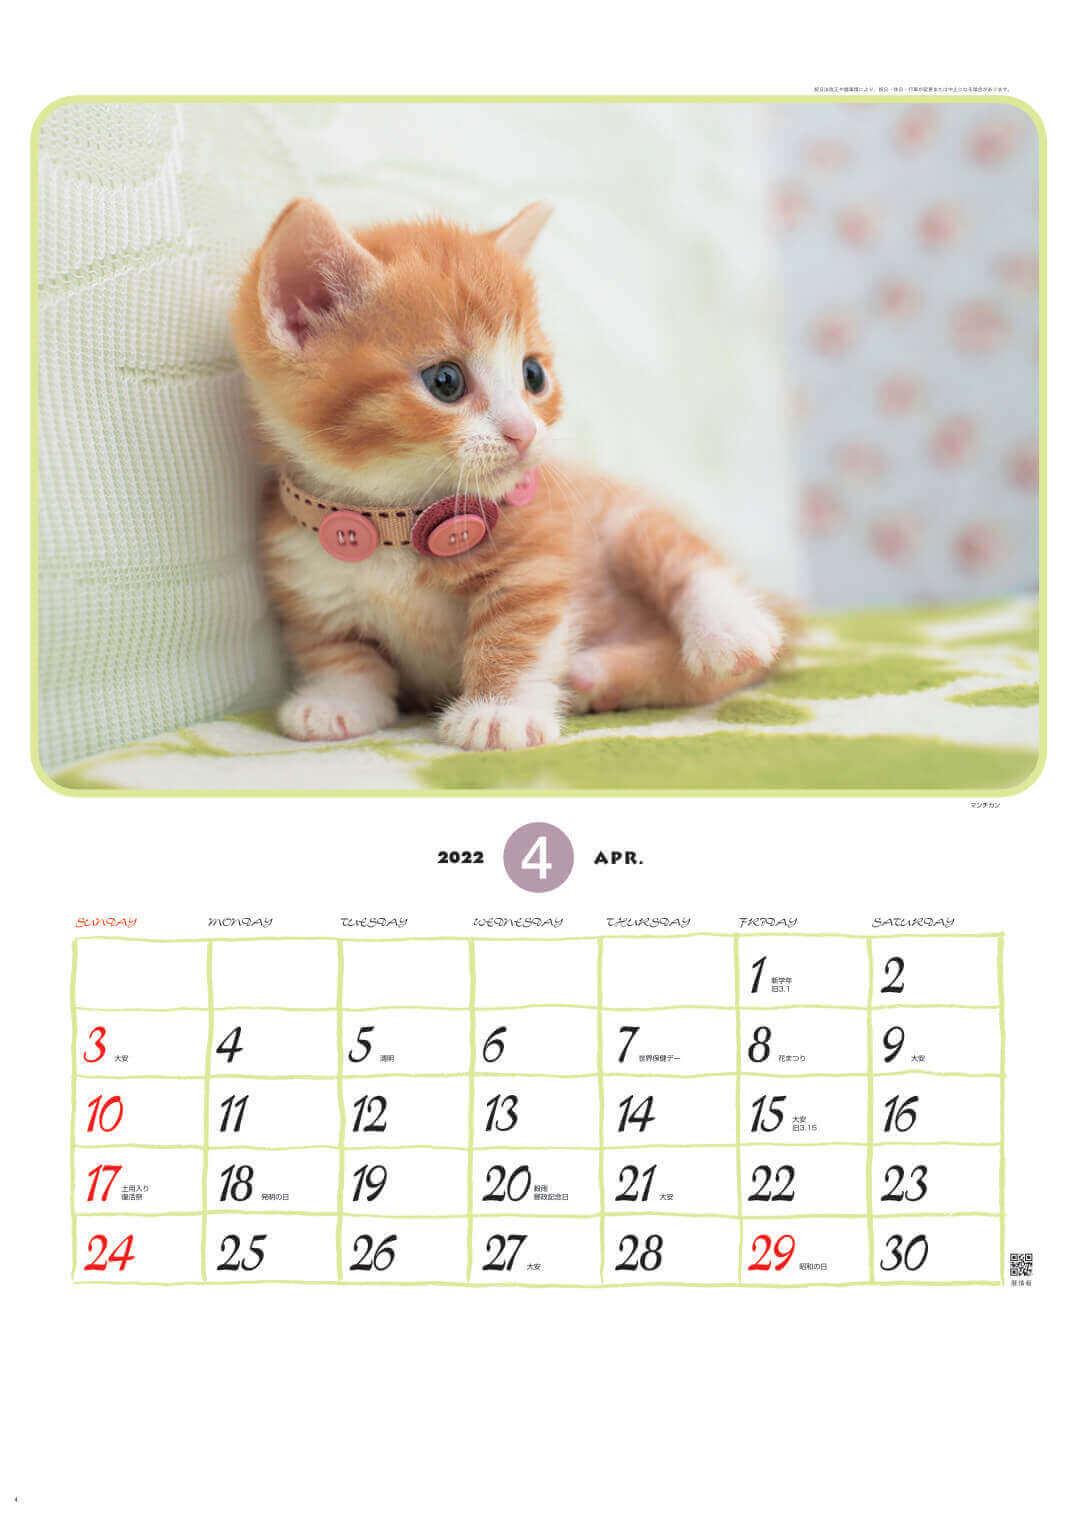 マンチカン リトルフレンド 2022年カレンダーの画像